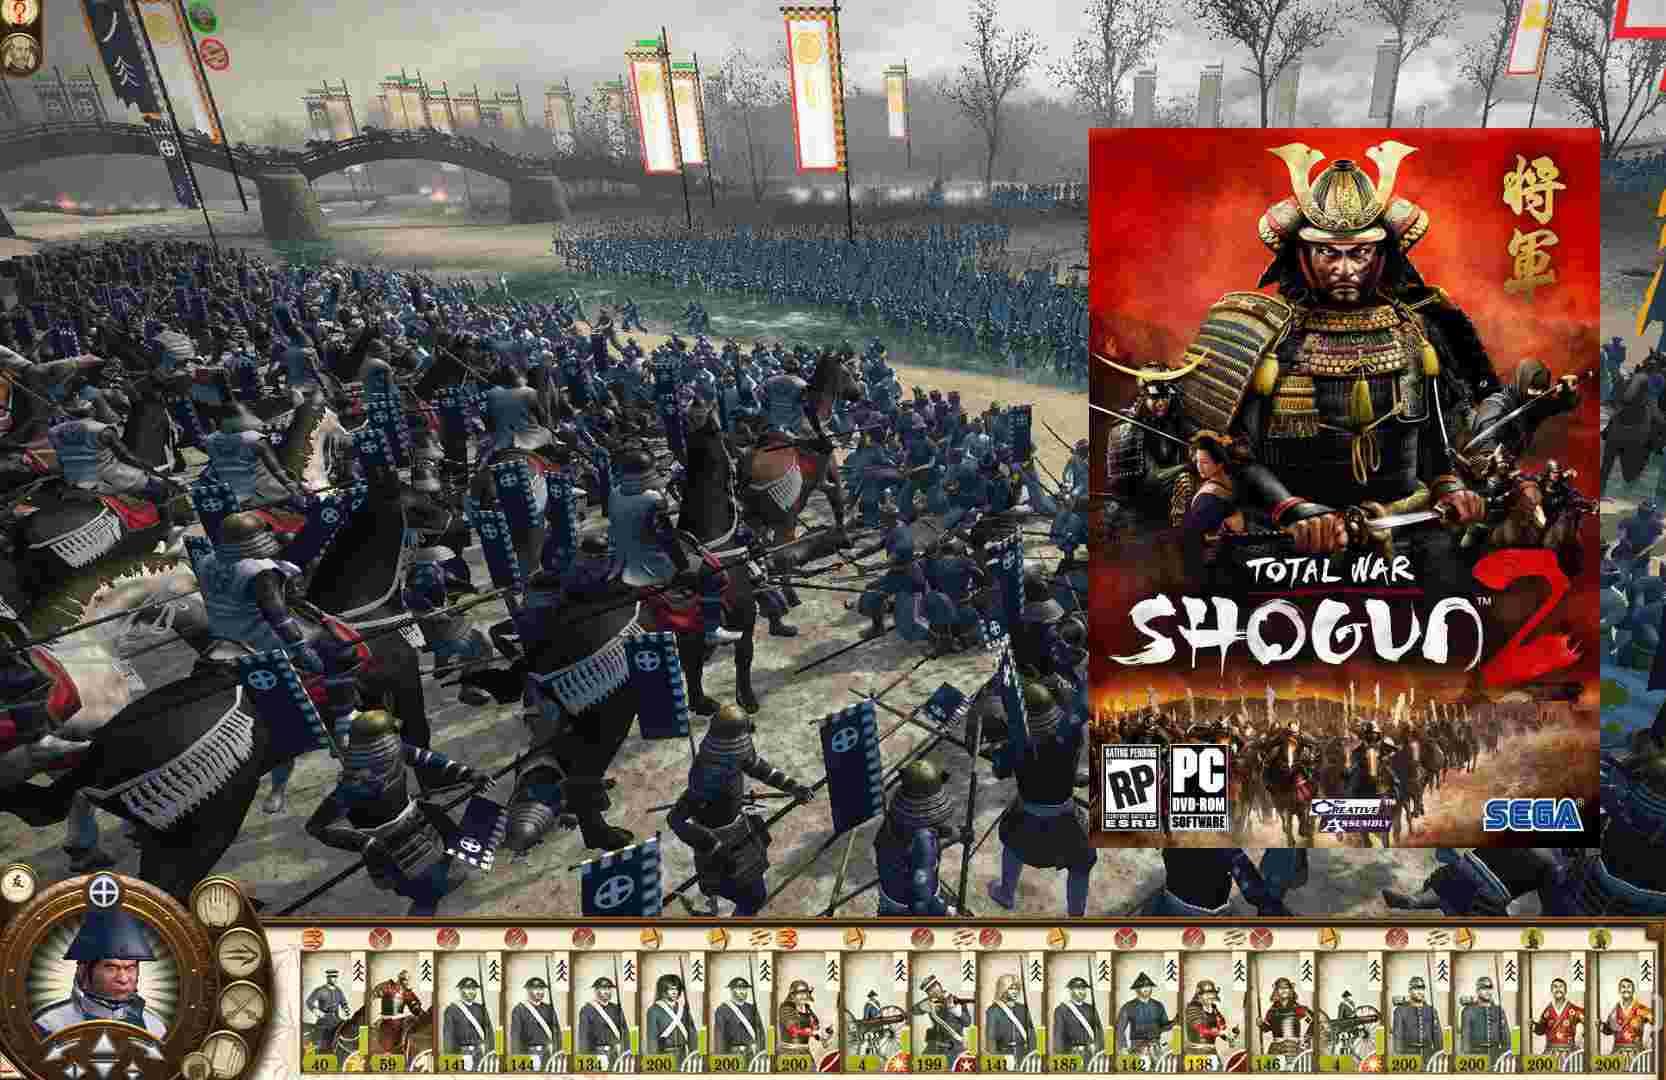 shogun-total-war-1554899452.jpg